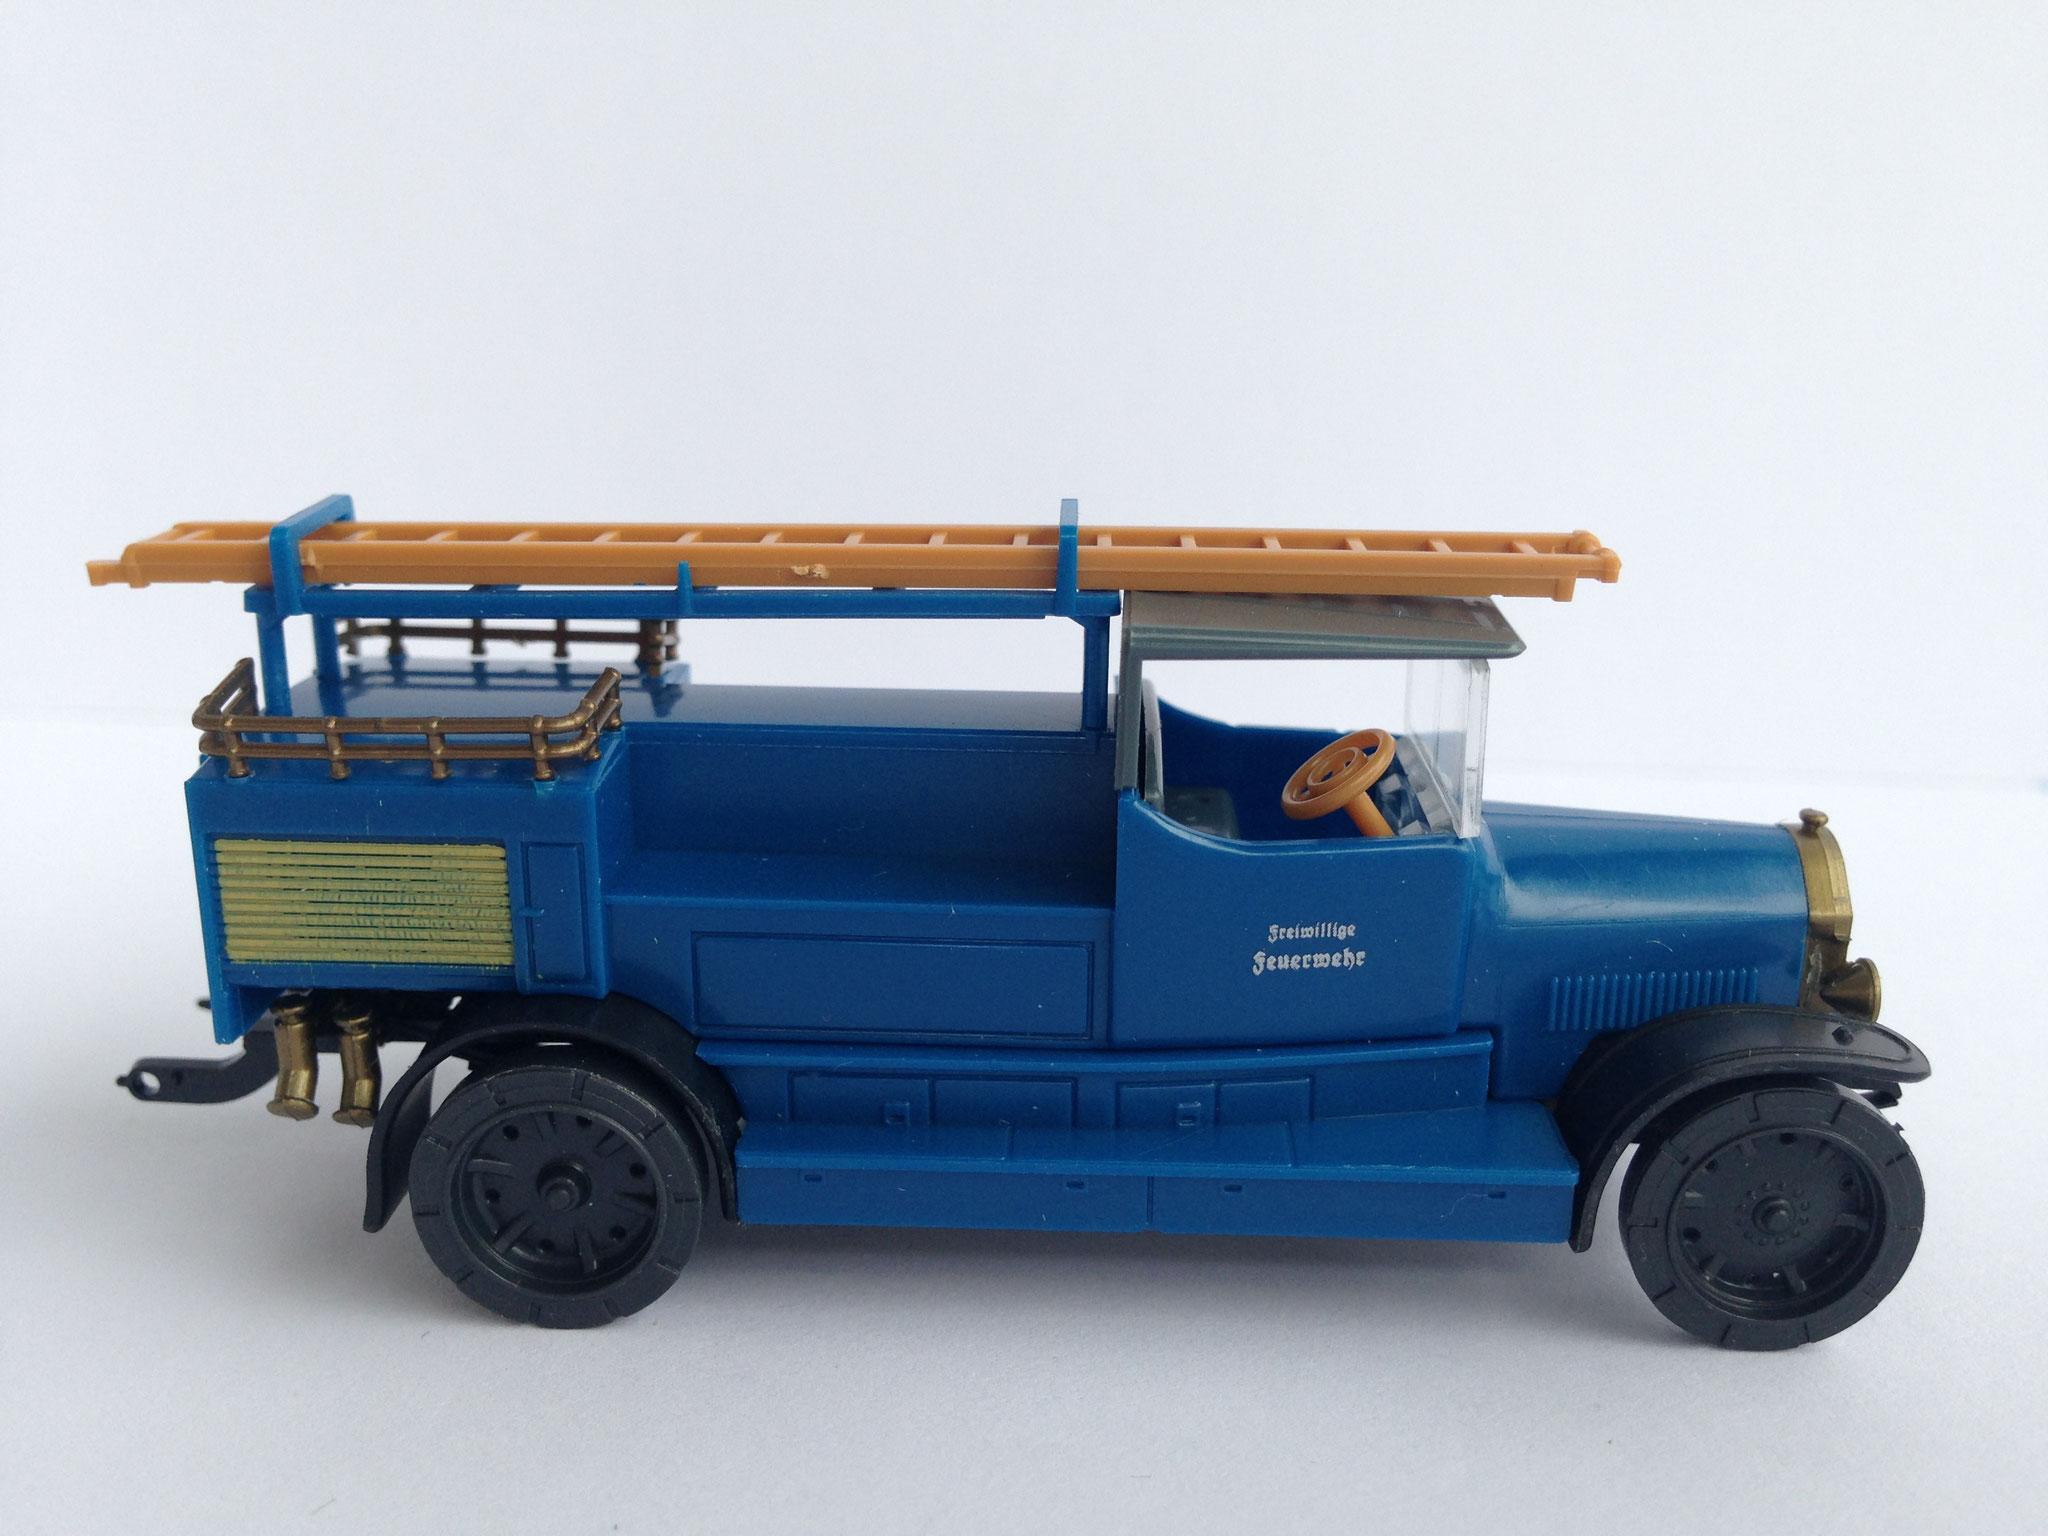 Benz LF 12 Feuerwehr Motorspritze, Freiw. Feuerwehr, blau, Art. Nr. 342 (von Wiking ab 1996 unter dem Label Roskopf im Programm)